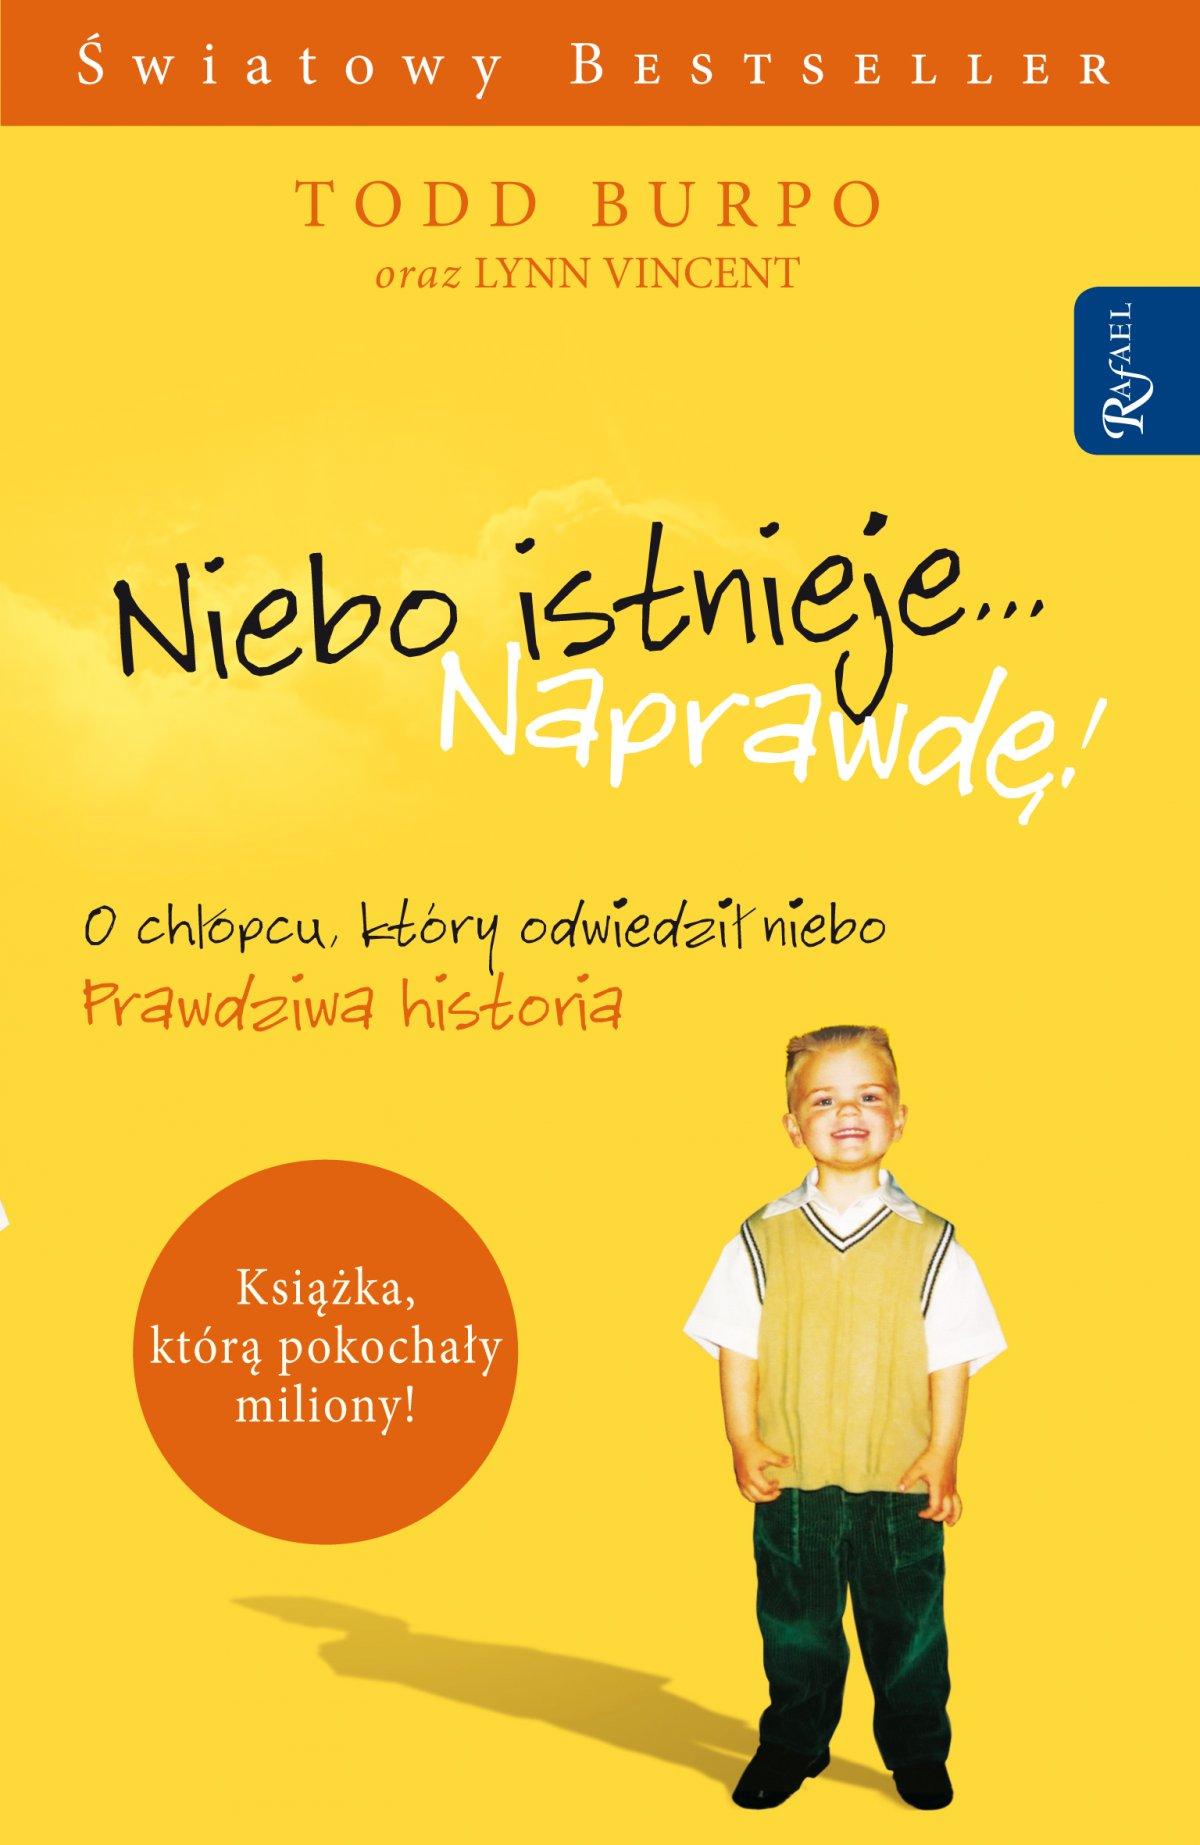 Niebo istnieje... Naprawdę! Niesamowita historia małego chłopca o wyprawie do nieba i z powrotem - Ebook (Książka na Kindle) do pobrania w formacie MOBI